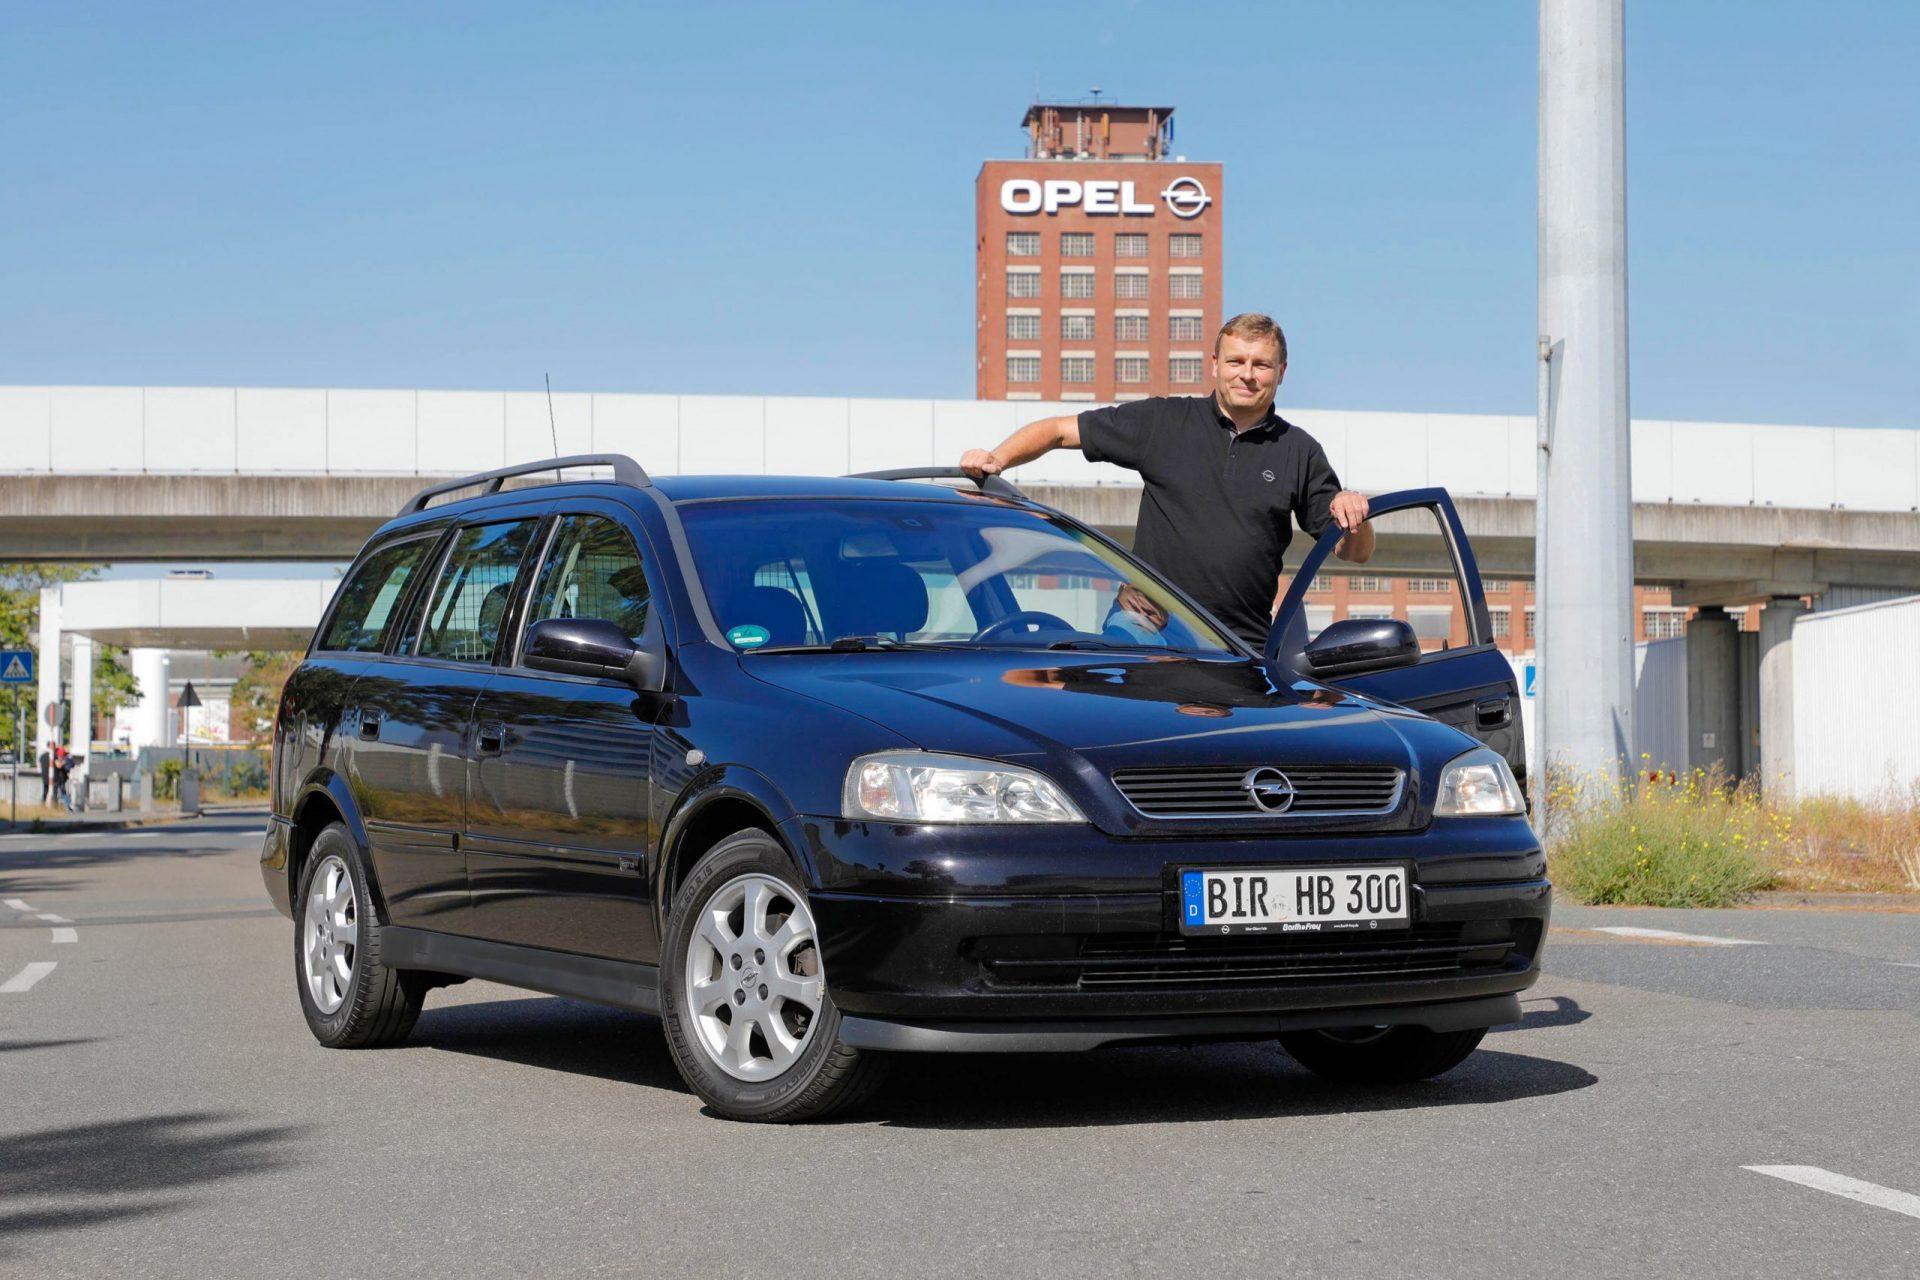 Ten Opel Astra ma przebieg 600 000 km. Marzenie o wiecznej młodości jest do zrealizowania